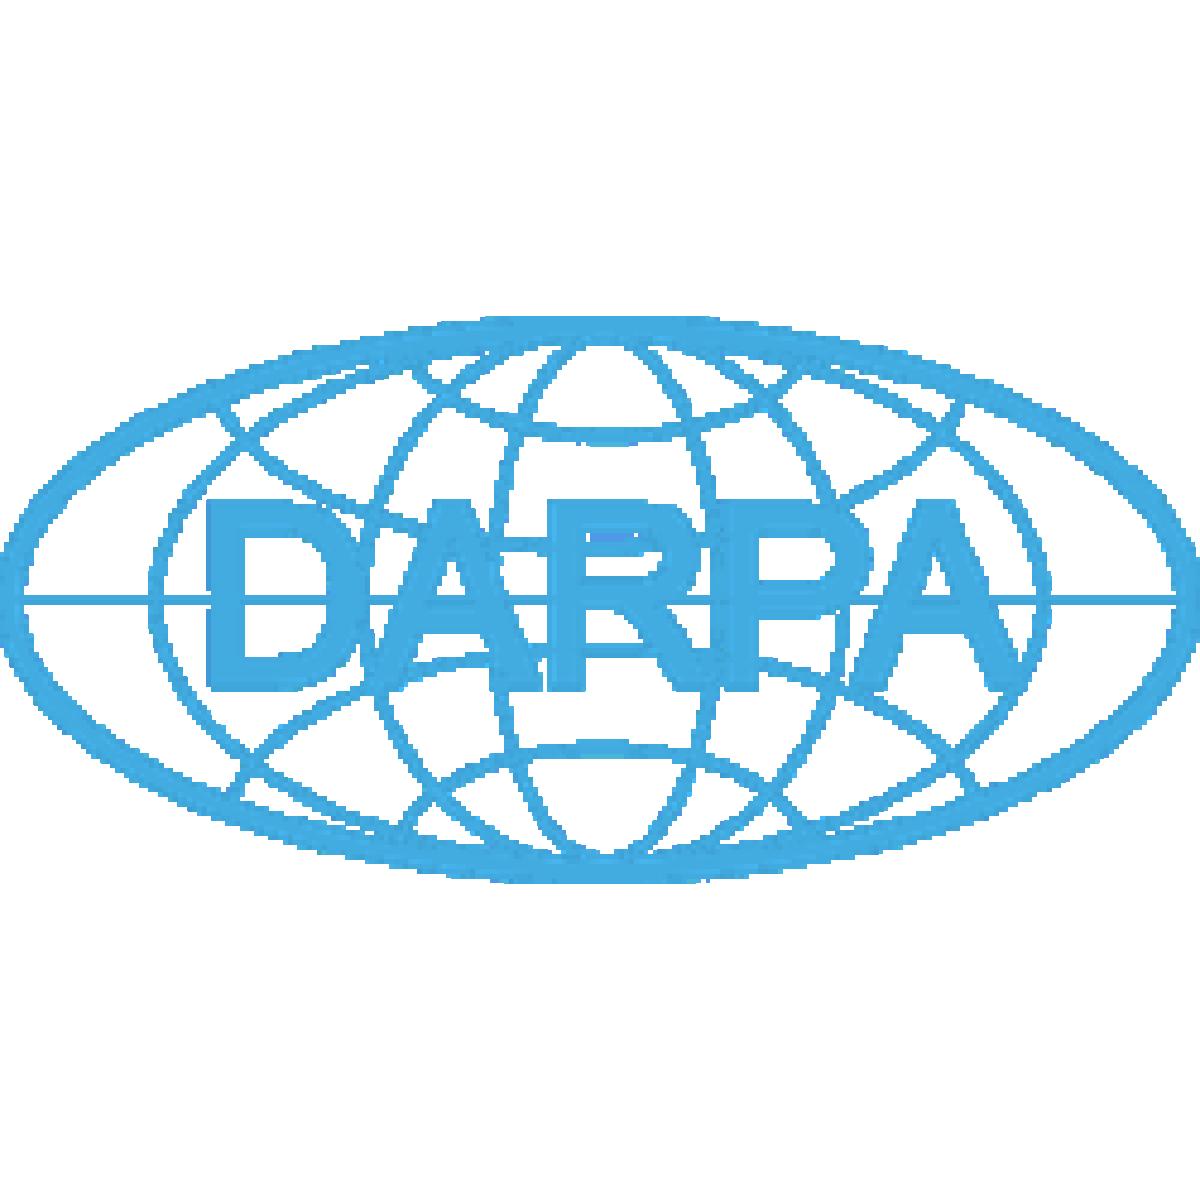 Program Announcement For Artificial Intelligence Exploration Aie